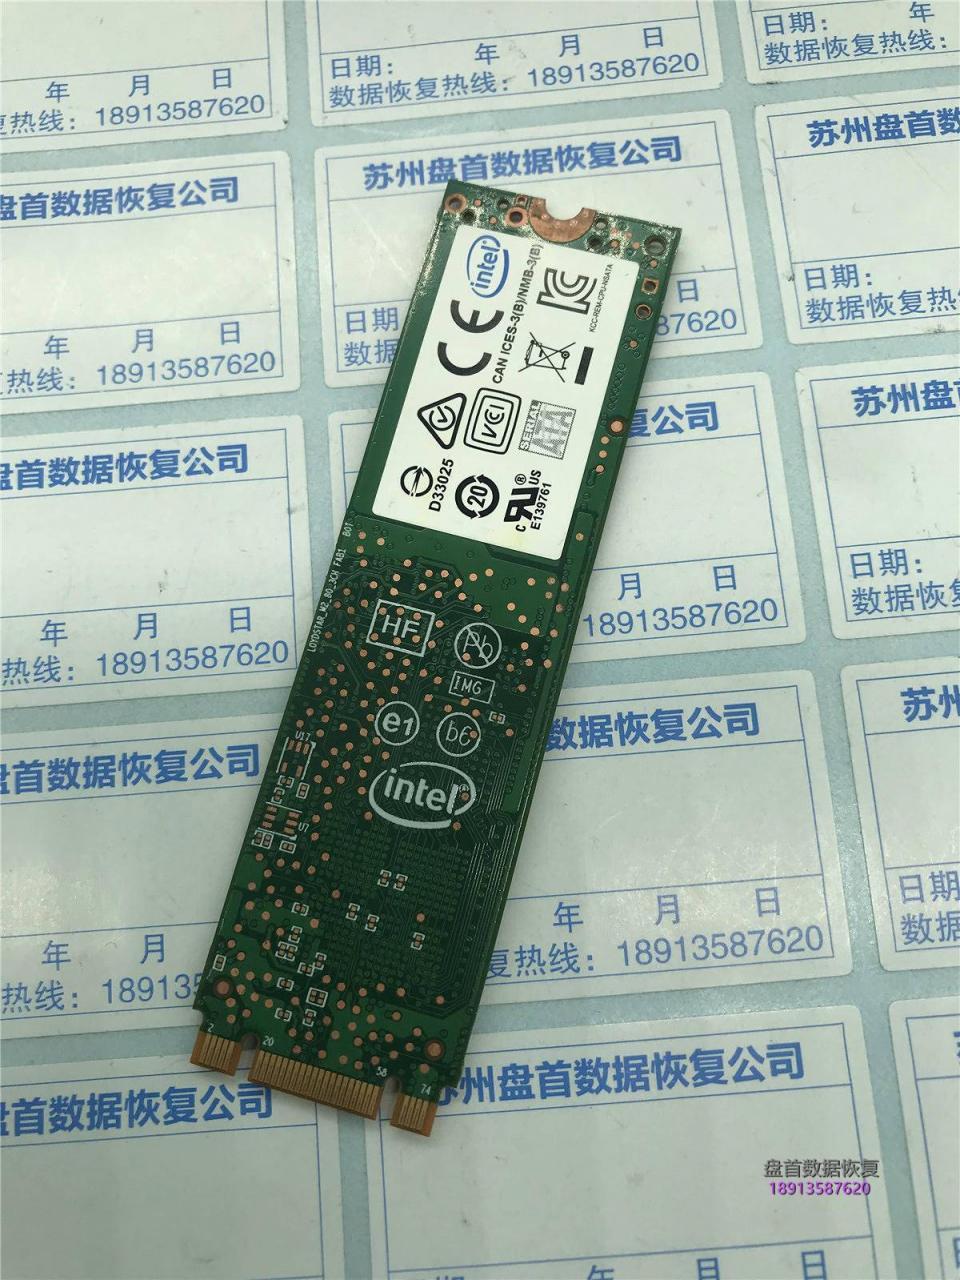 SSDSCKKW180H6识别不到SSD卡LOGO界面数据恢复成功